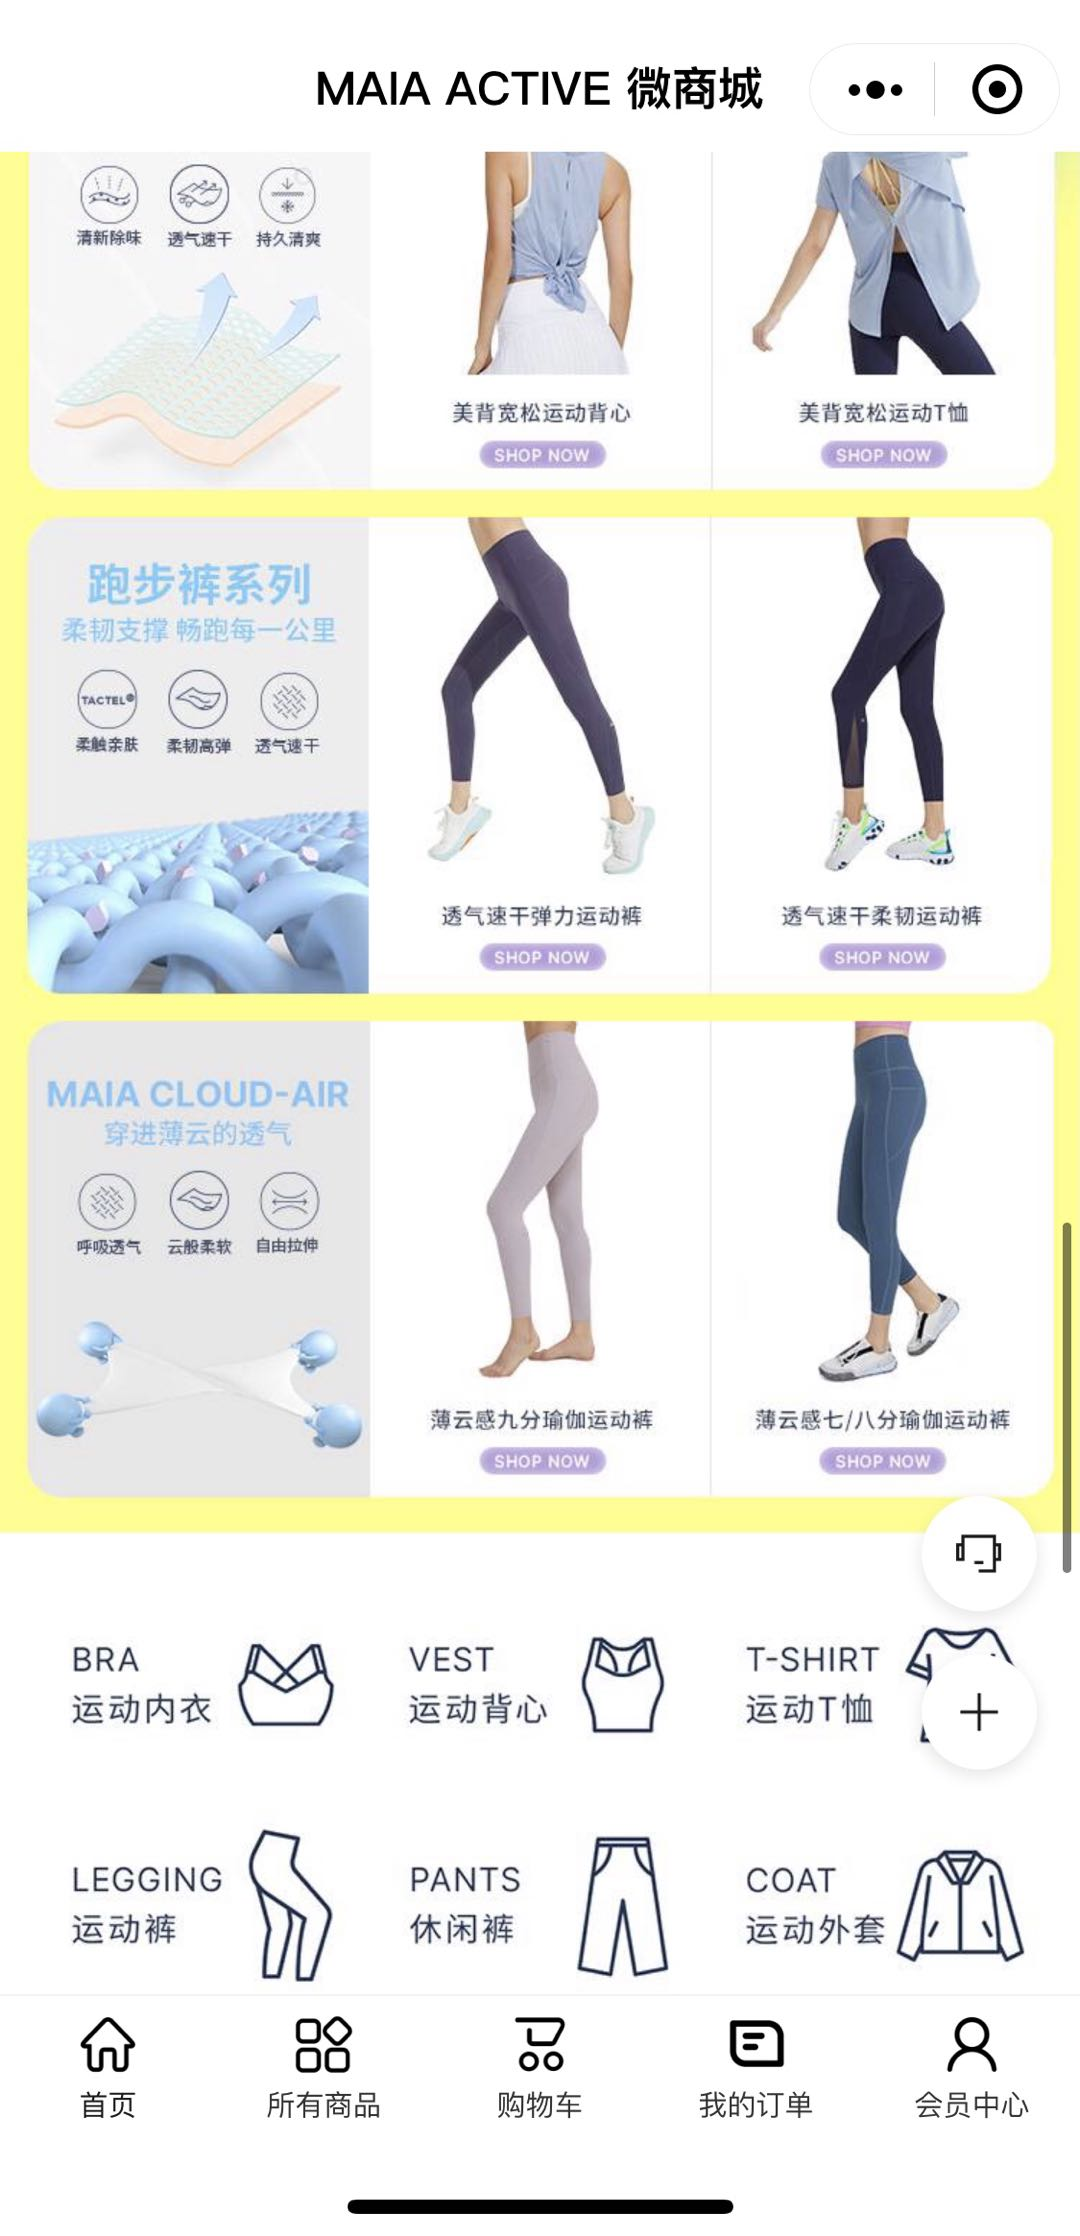 为什么那么多新品牌都想做中国Lululemon?-识物网 - 中国商业零售品牌知识门户